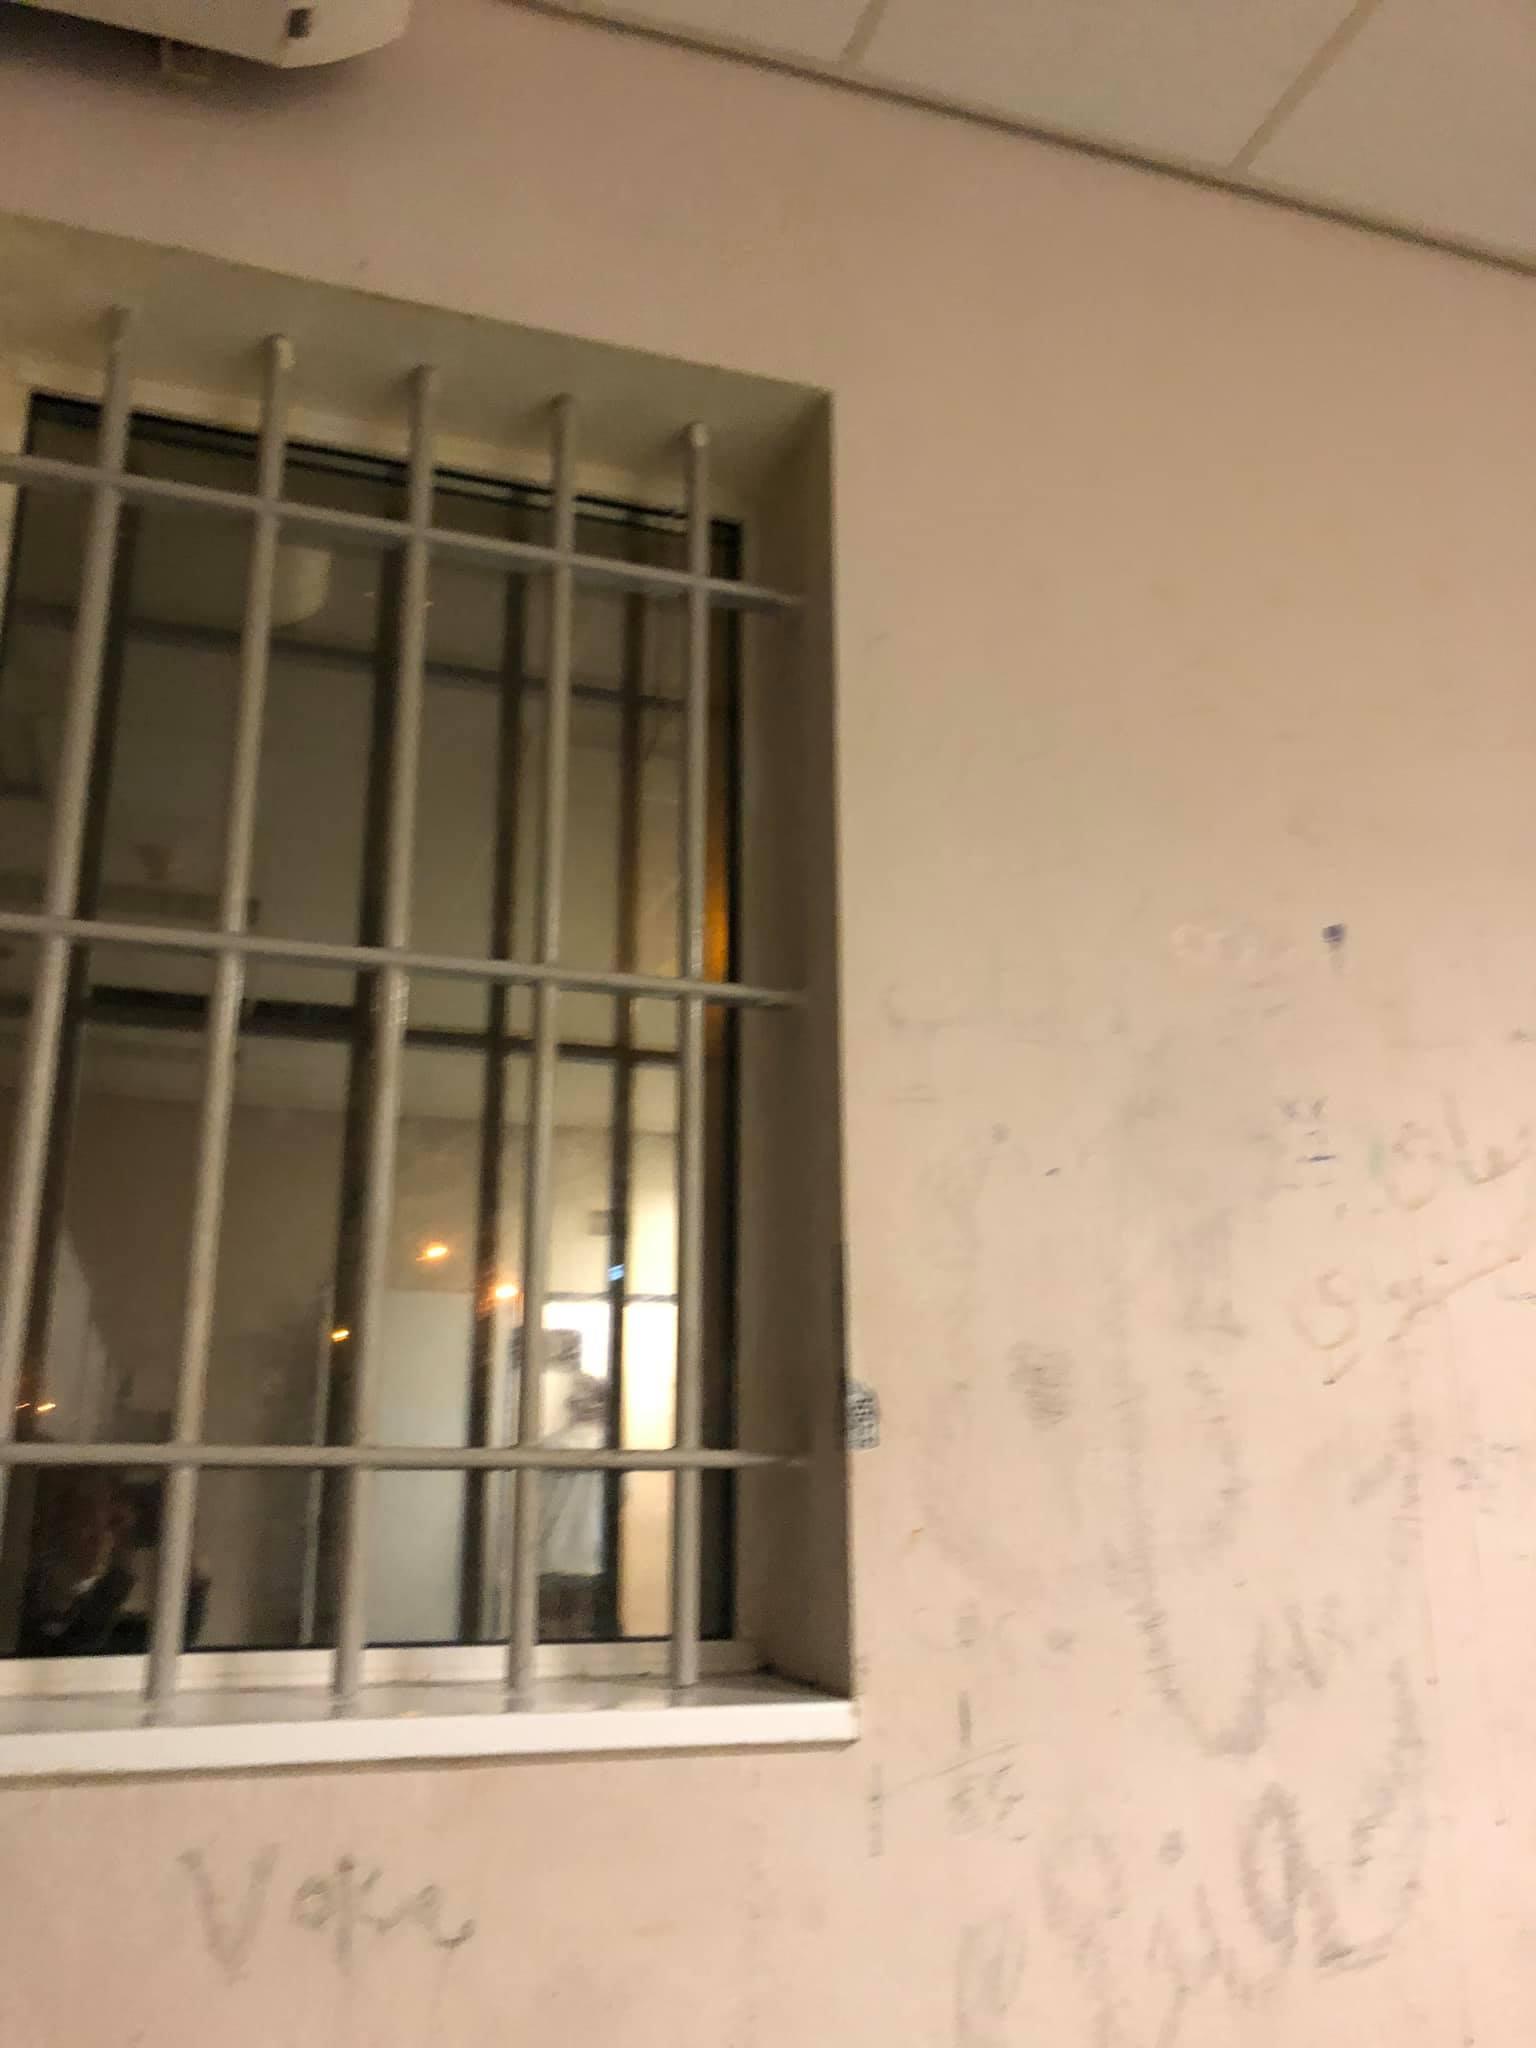 В Афинах по прилете из Киева задержали 17 украинцев. Они в полиции: фото